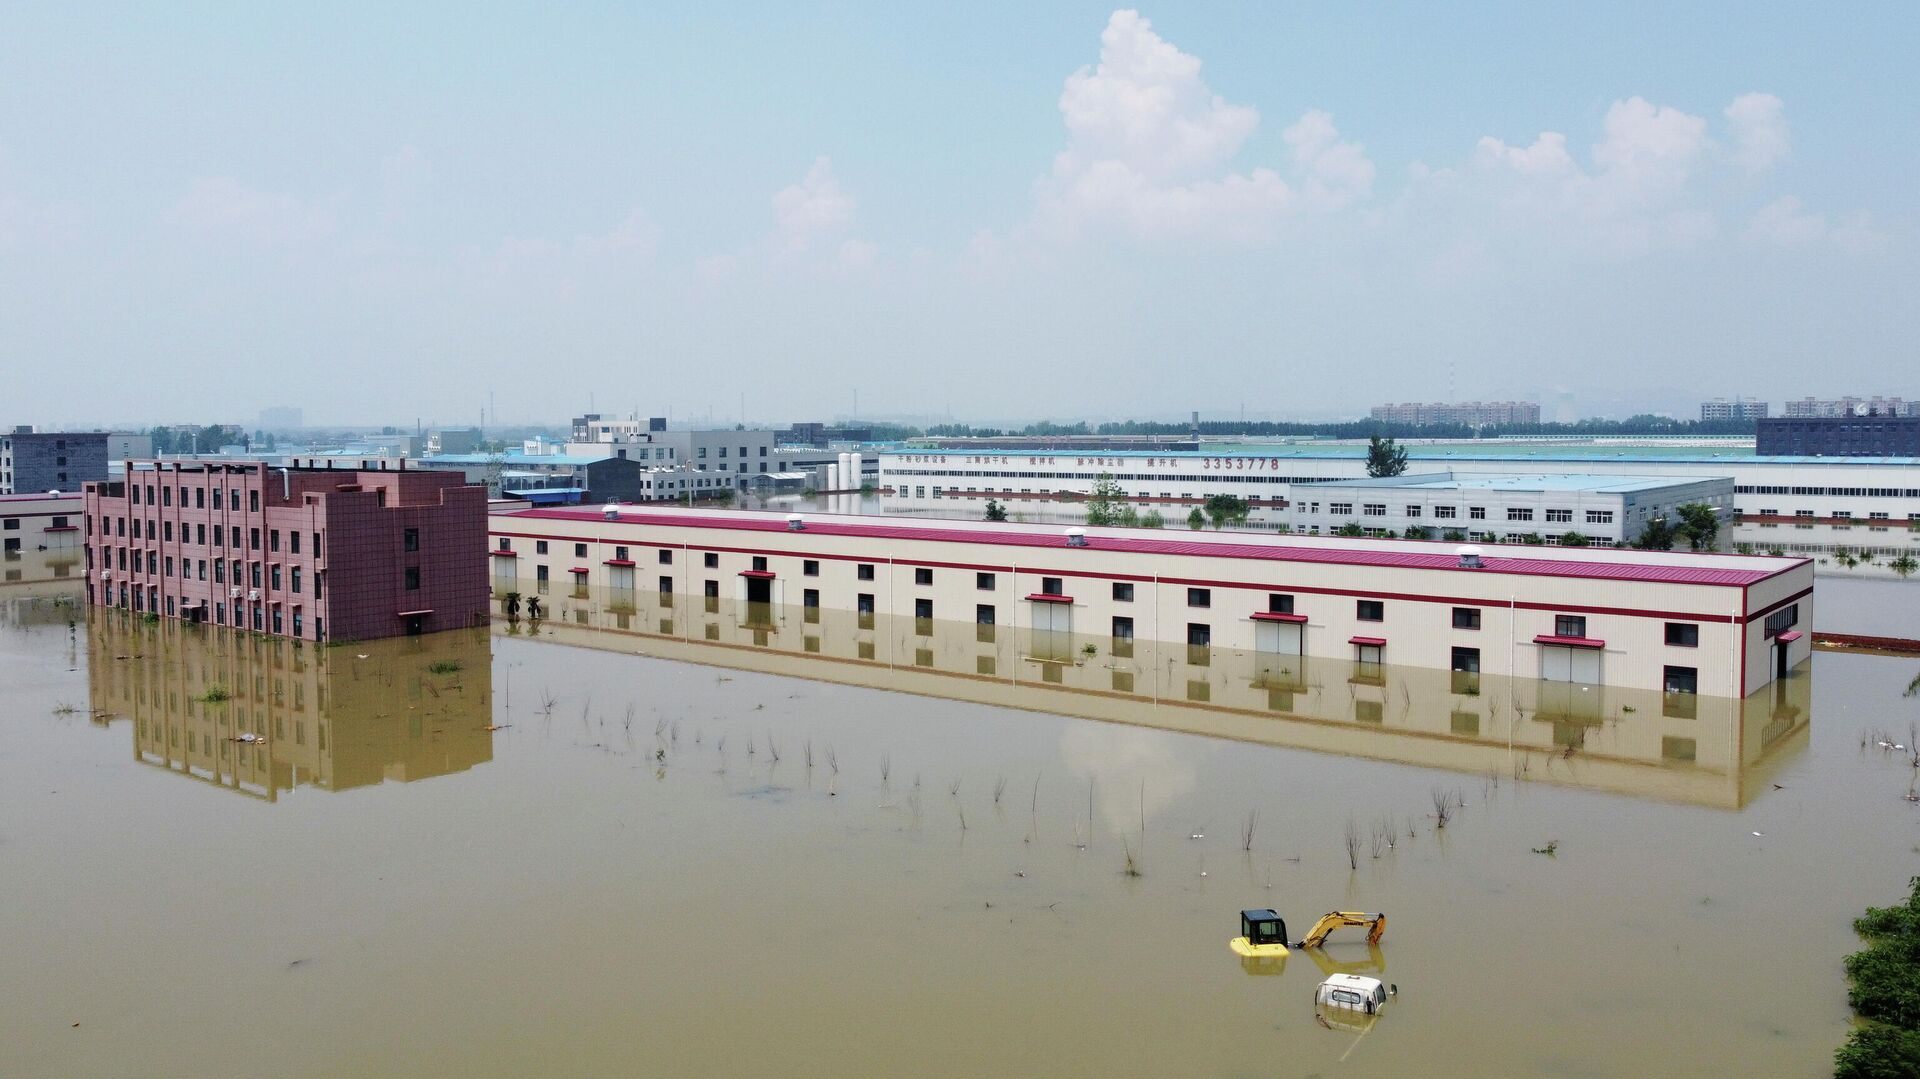 Consecuencias de las inundaciones en la provincia china de Henan (este), el 24 de julio de 2021 - Sputnik Mundo, 1920, 25.07.2021